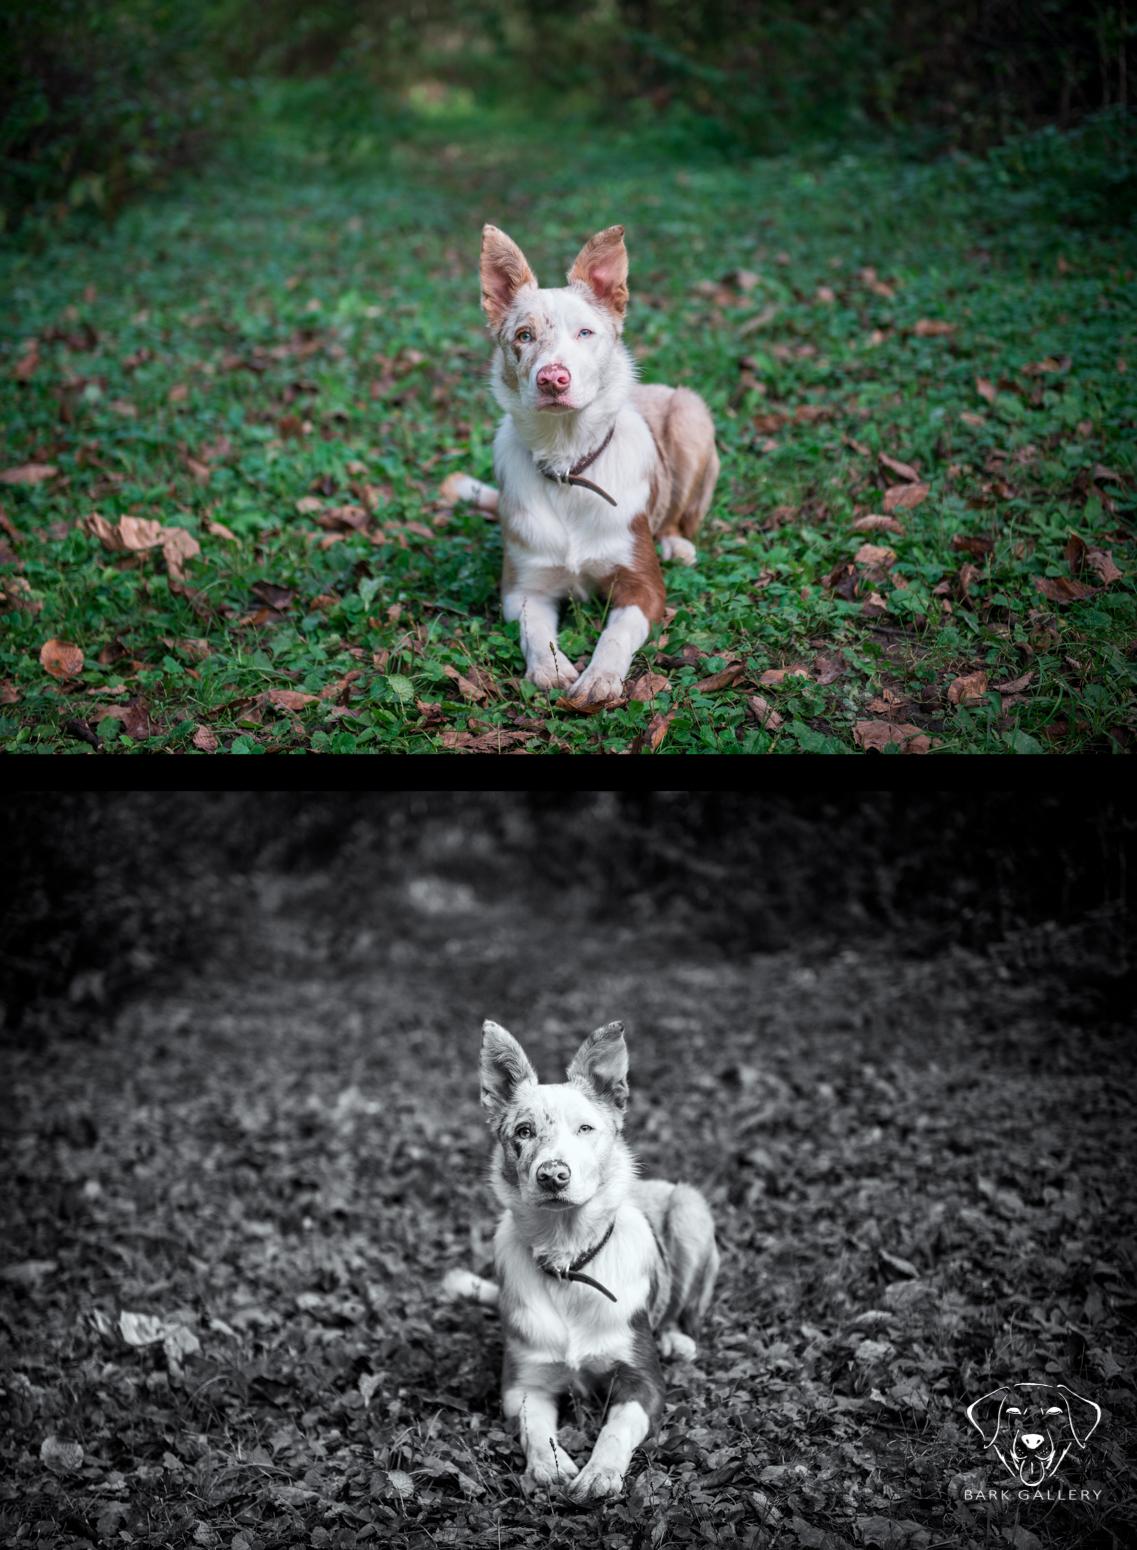 comparison-black-white-dog